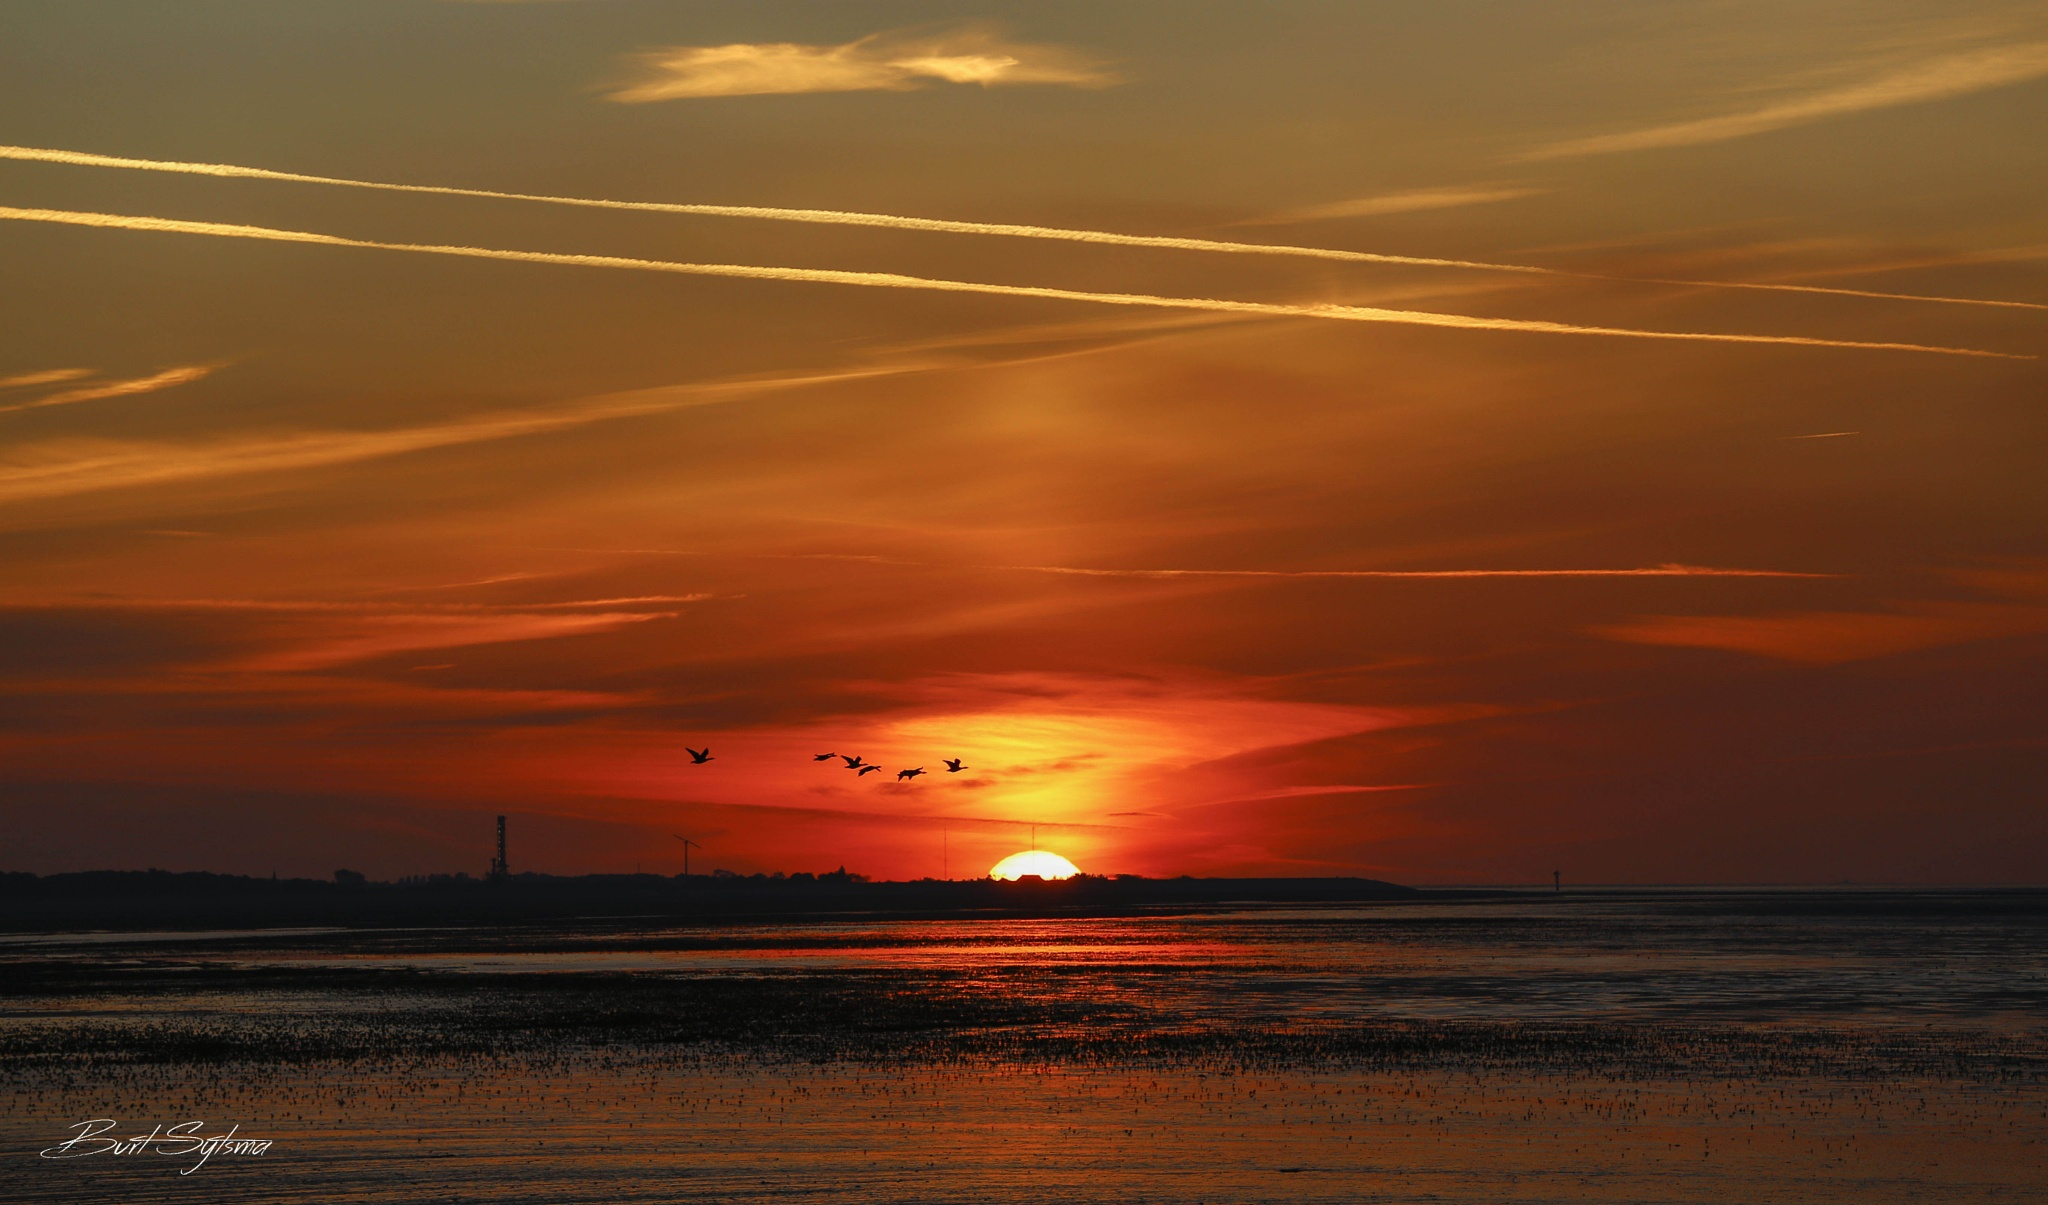 Sunset by Burt Sytsma